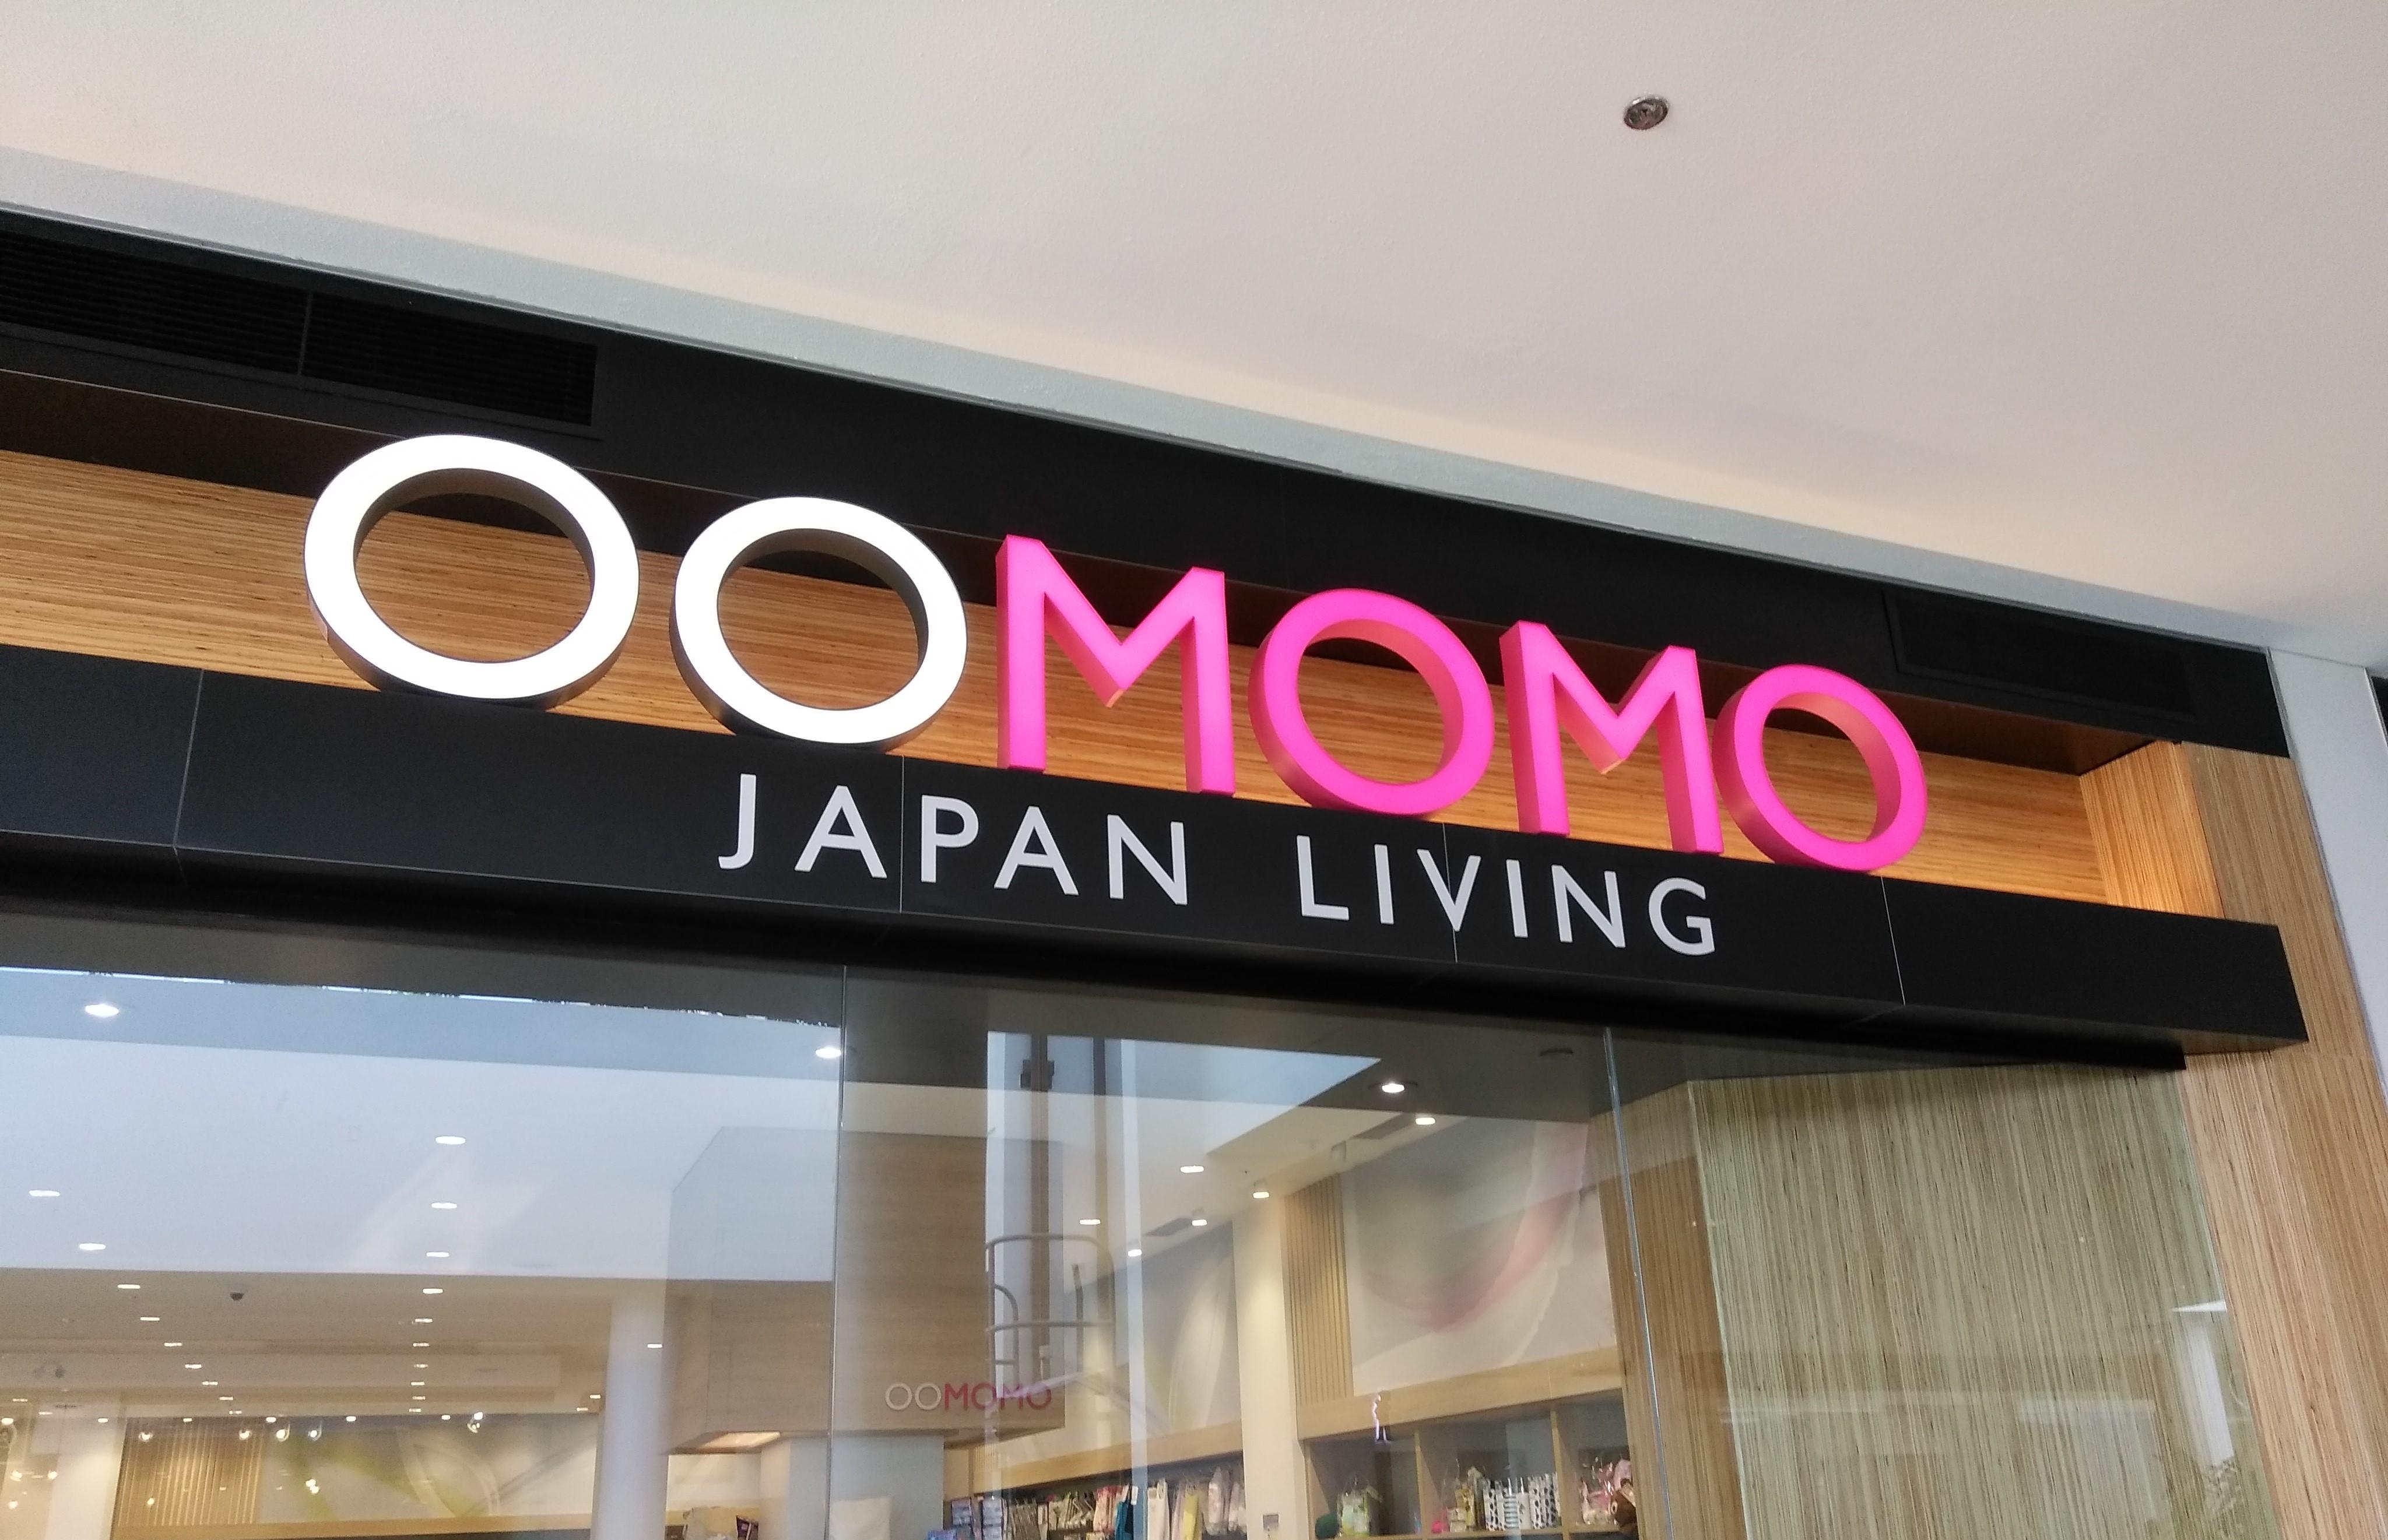 ローヒード・ショッピング・モールの中にある「OOMOMO」のお店の写真